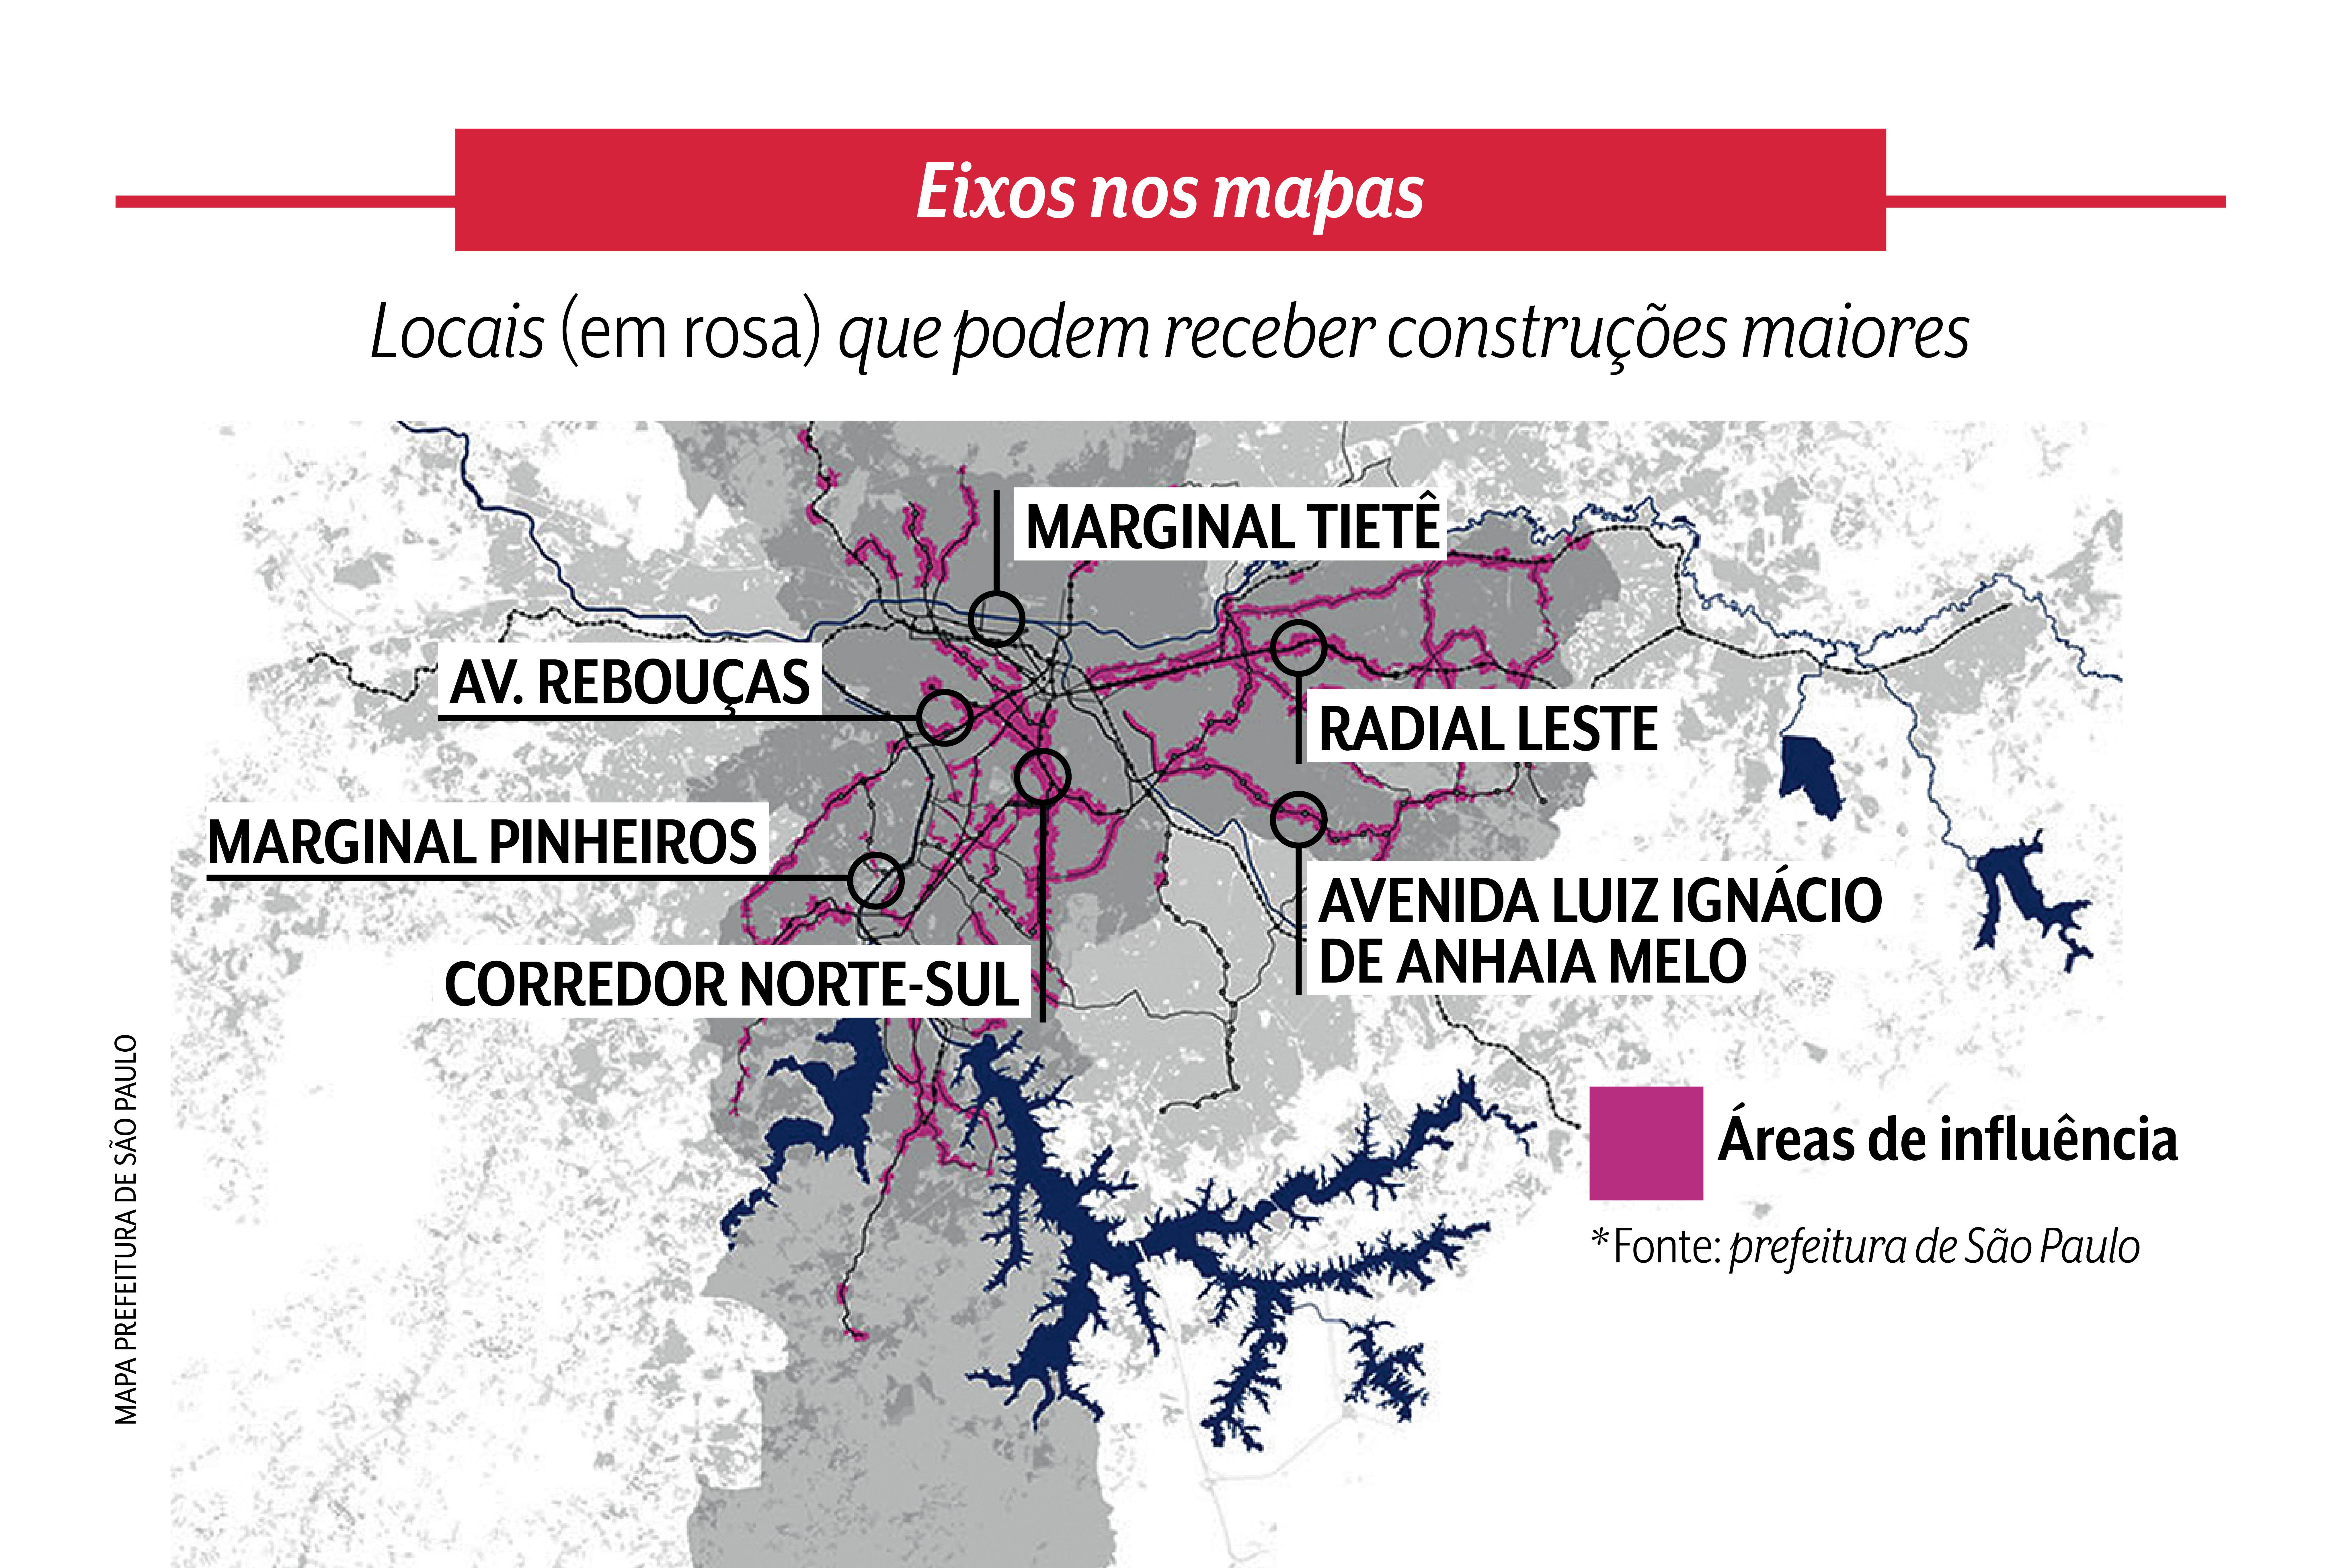 A arte mostra áreas de influências na grande São Paulo onde é possível fazer construções maiores. São algumas delas a Rebouças, Marginal Pinheiros, Tietê, Radial Leste e Av. Luiz Ignácio de Anhaia Melo.